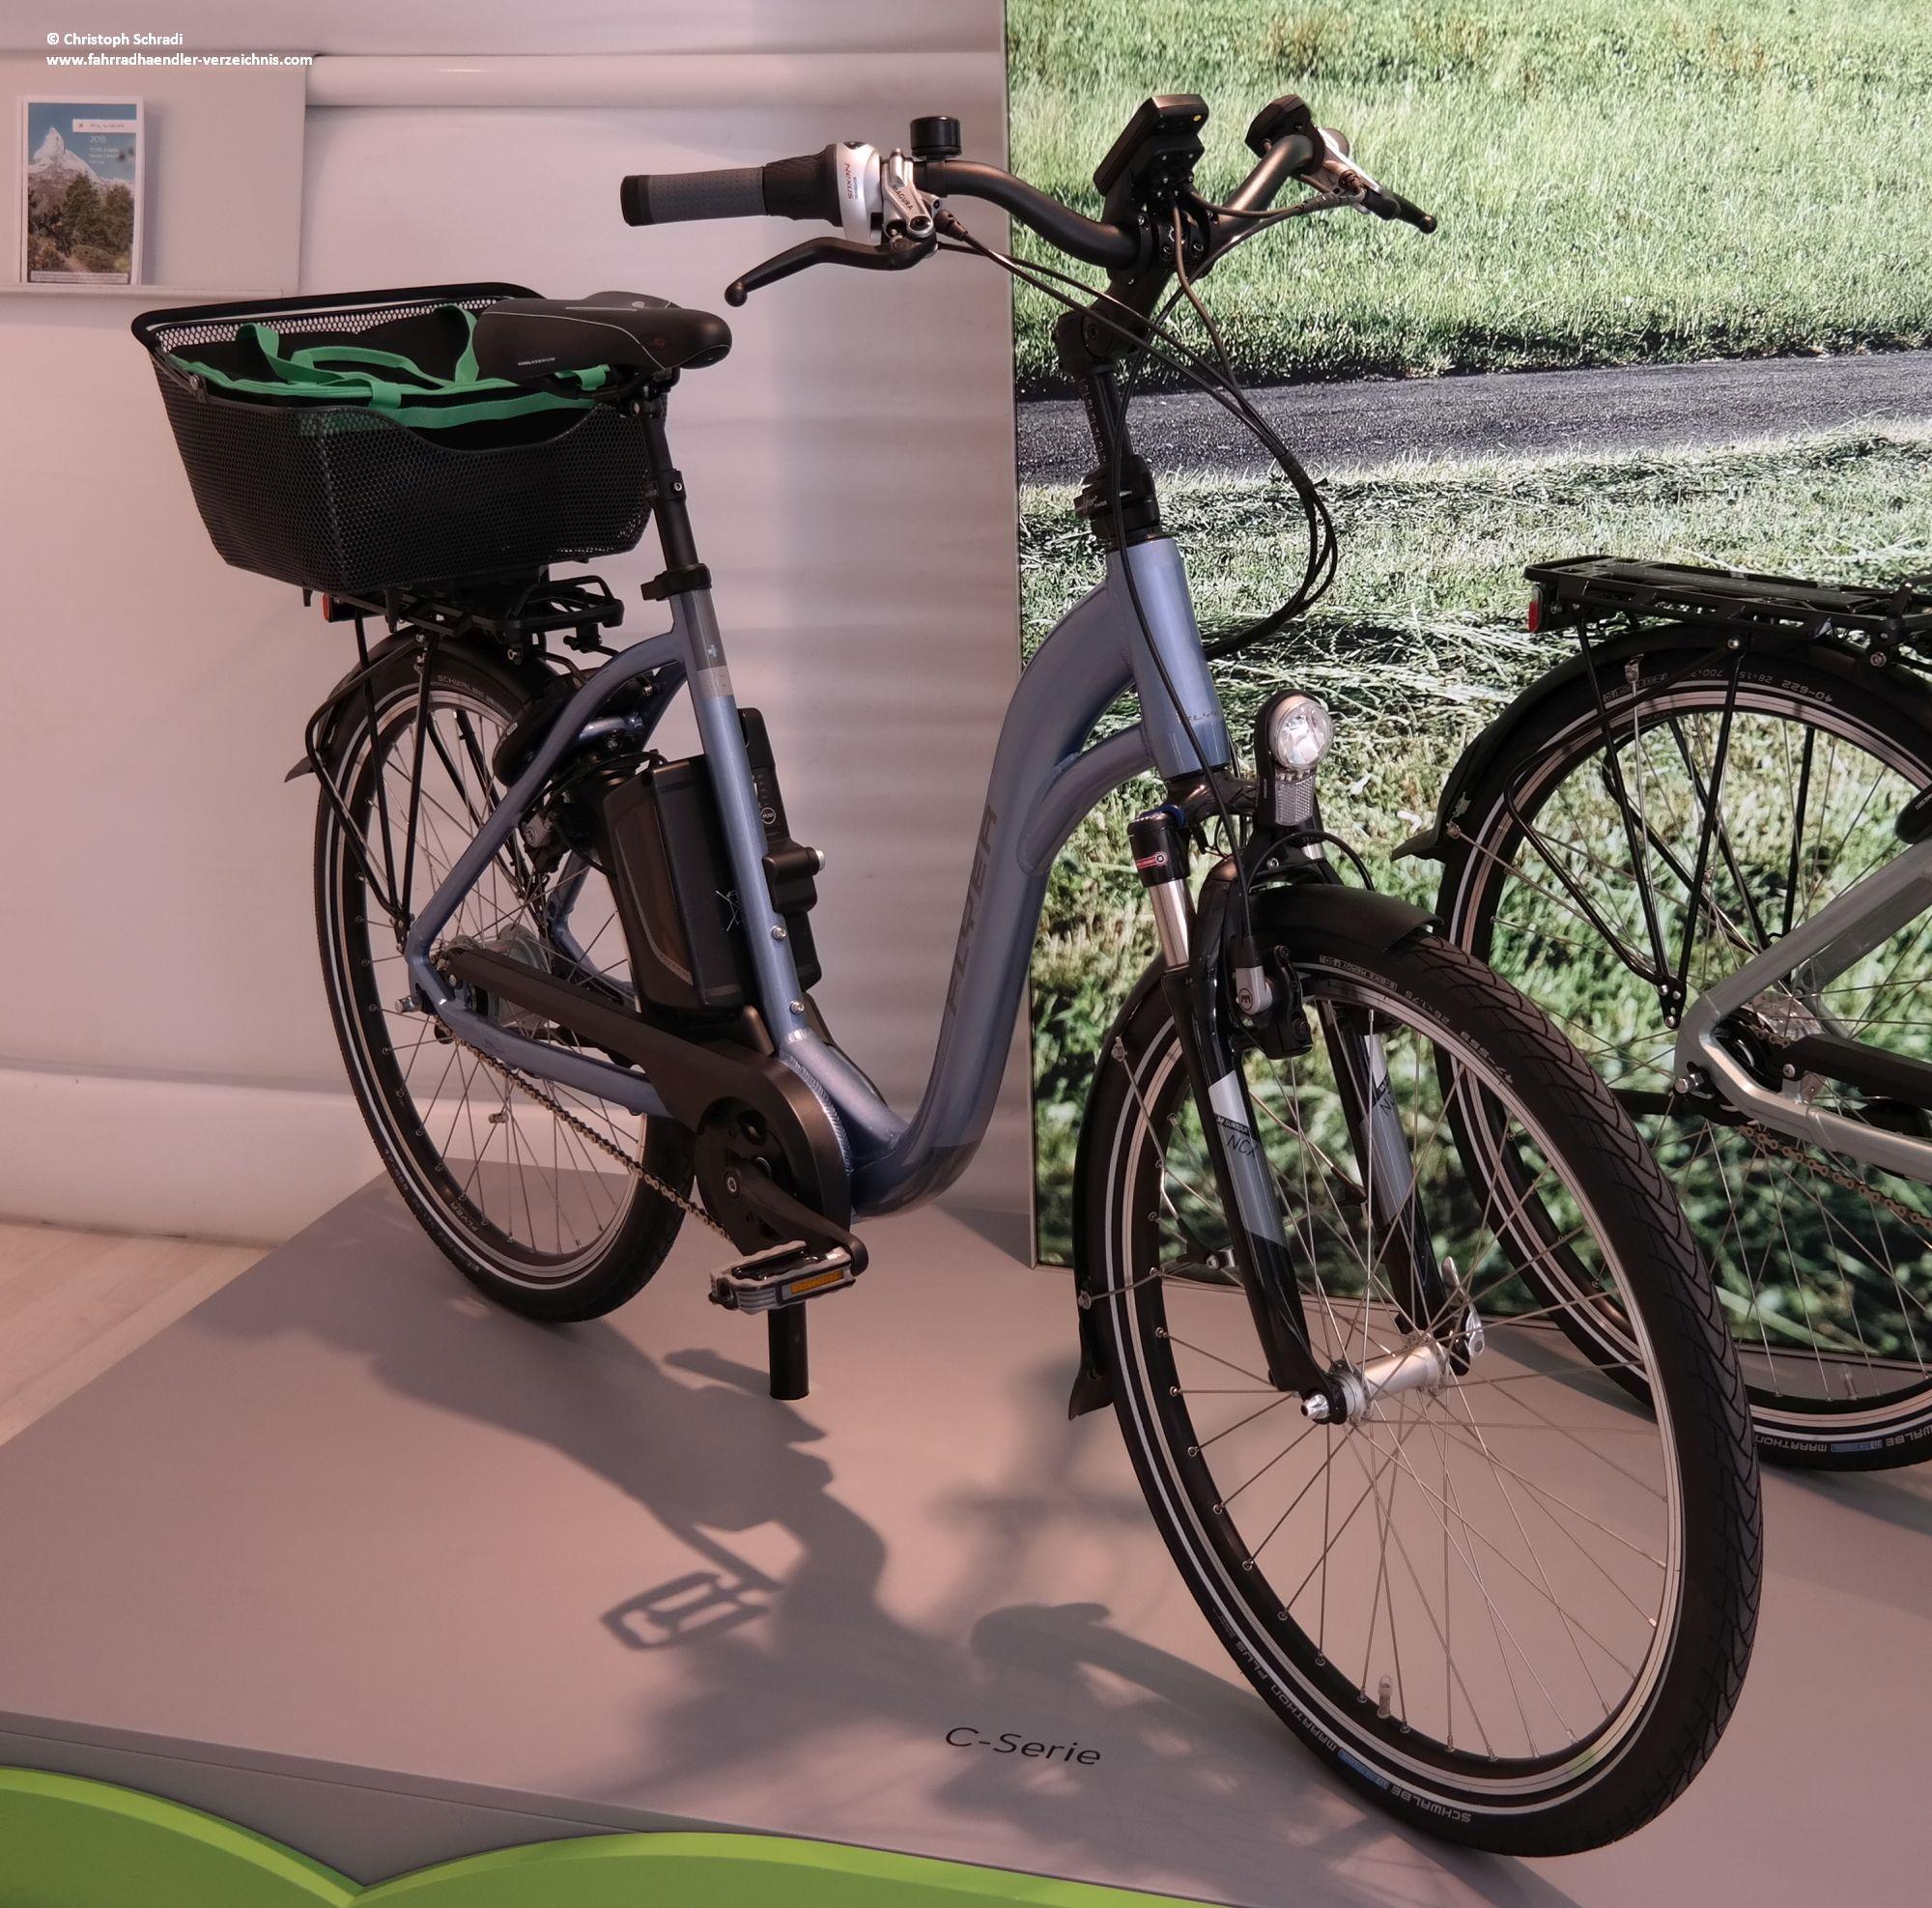 Citybikes - schicke, aufrechte Räder für die Stadt